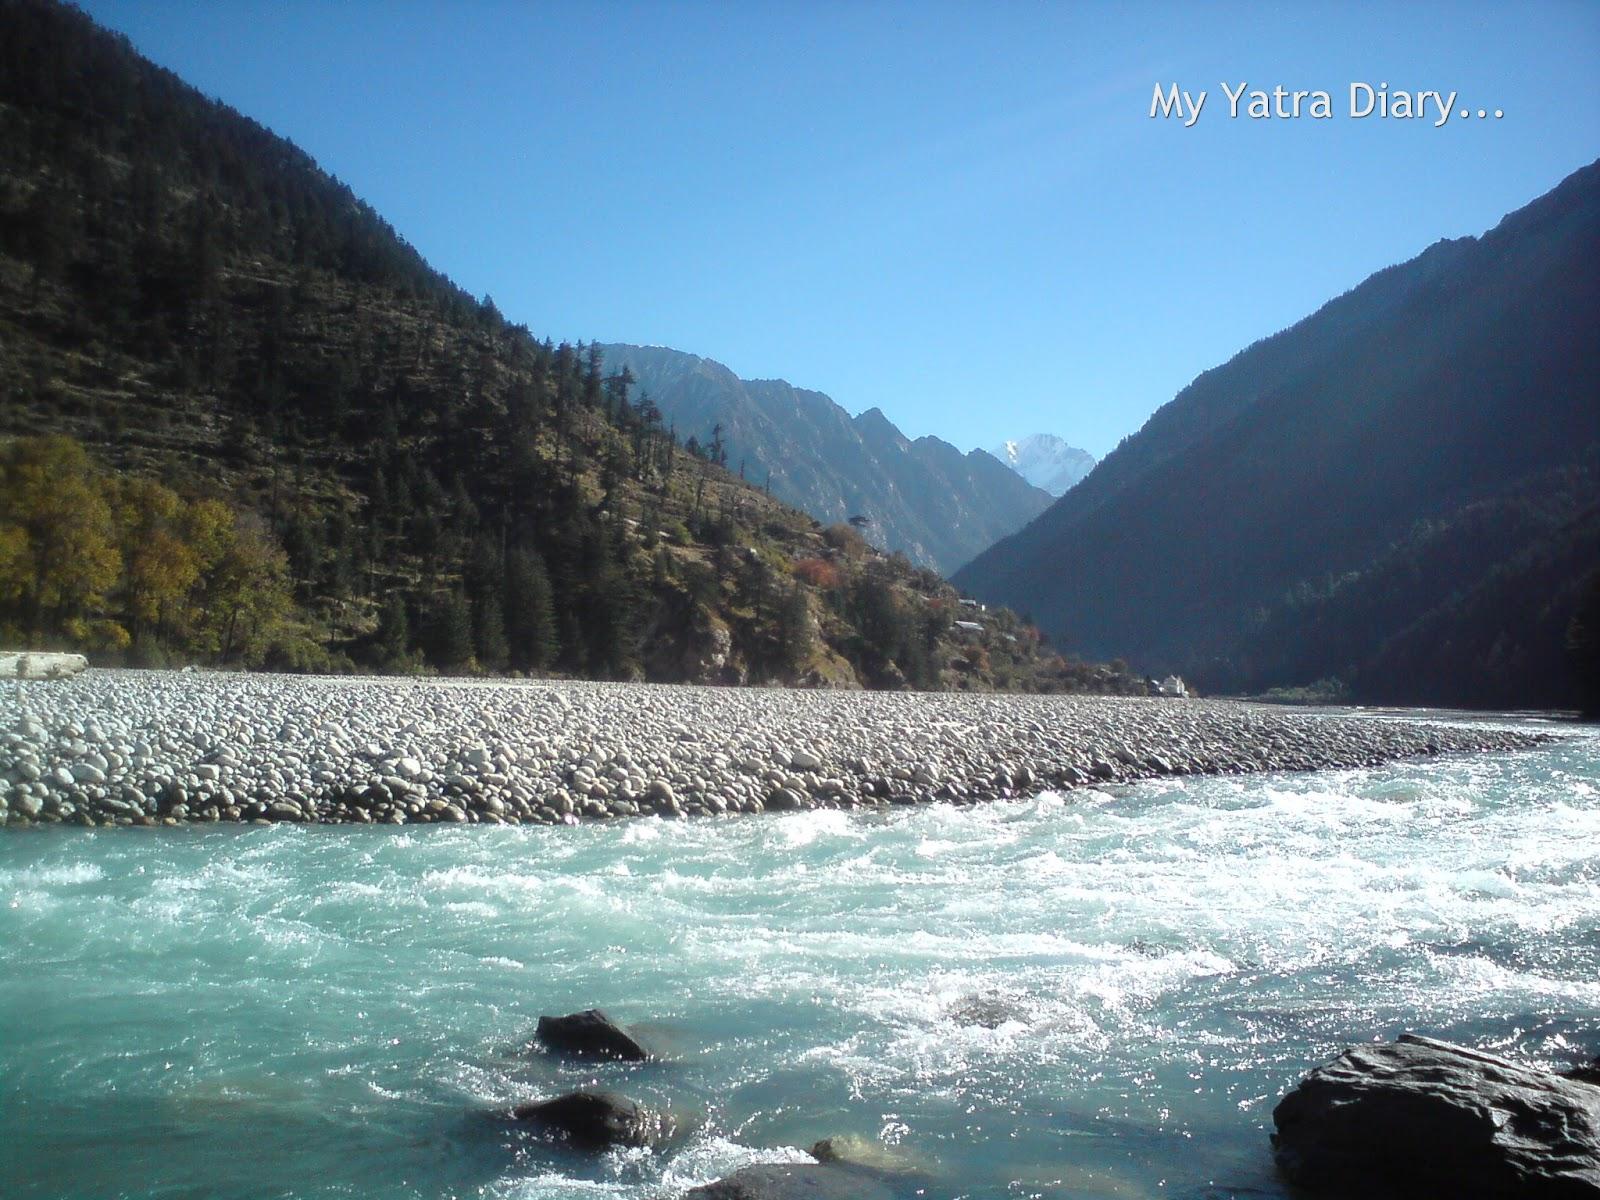 http://4.bp.blogspot.com/-l19dpC_2wBc/T0YHgV6_ljI/AAAAAAAAC0E/pzfjlssbJ9I/s1600/River+Ganga+Harsil.jpg